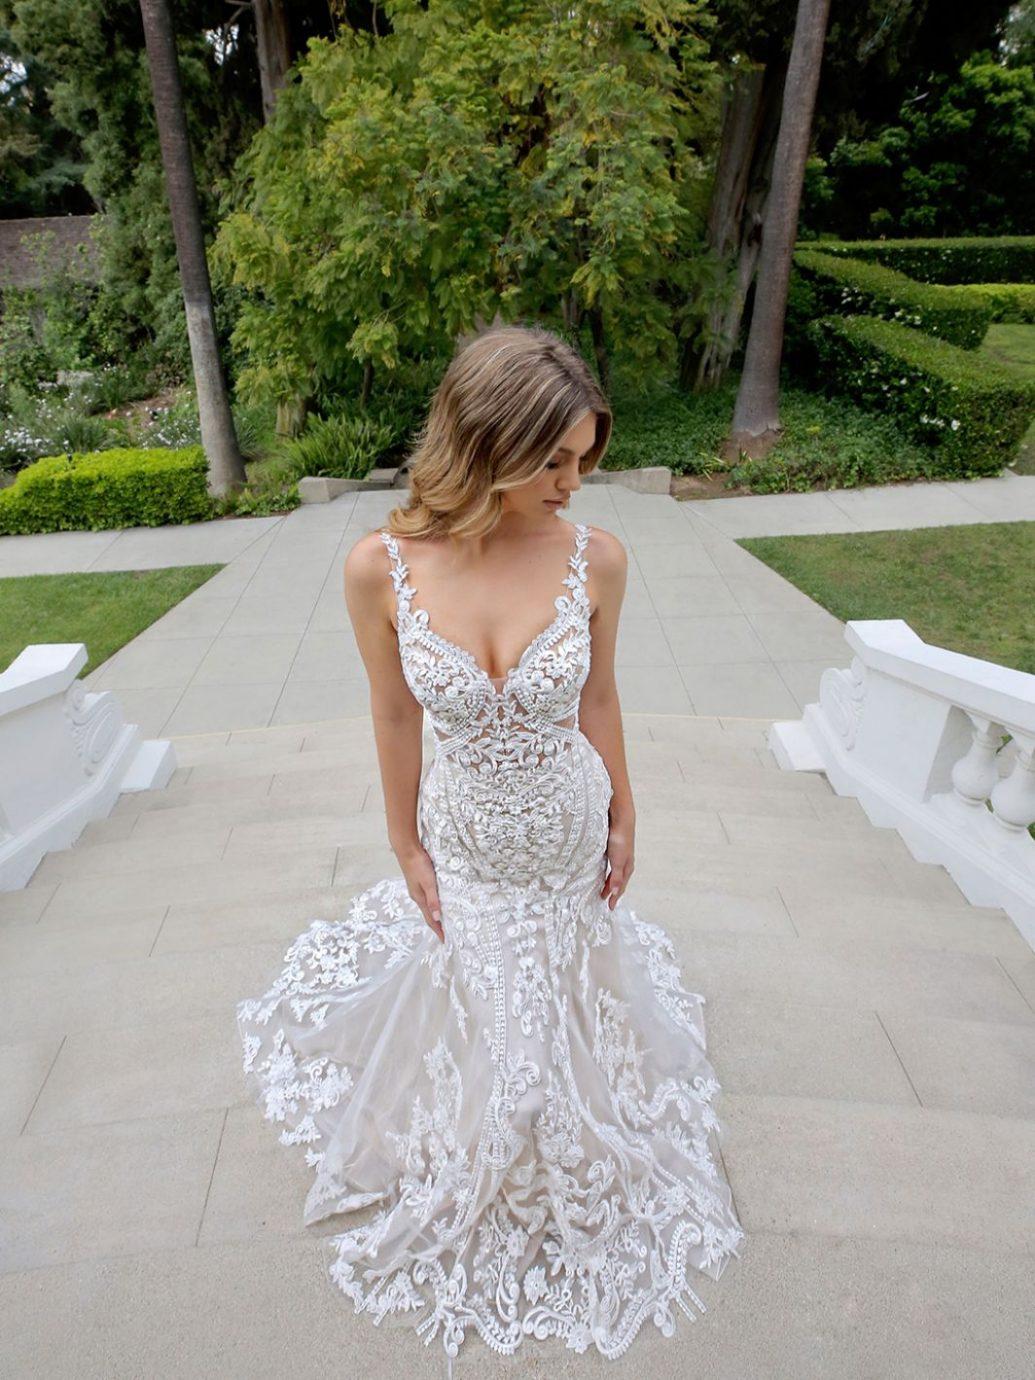 Blue by Enzoani Marianna esküvői ruha, gyönyörű csipke felsőrésszel.